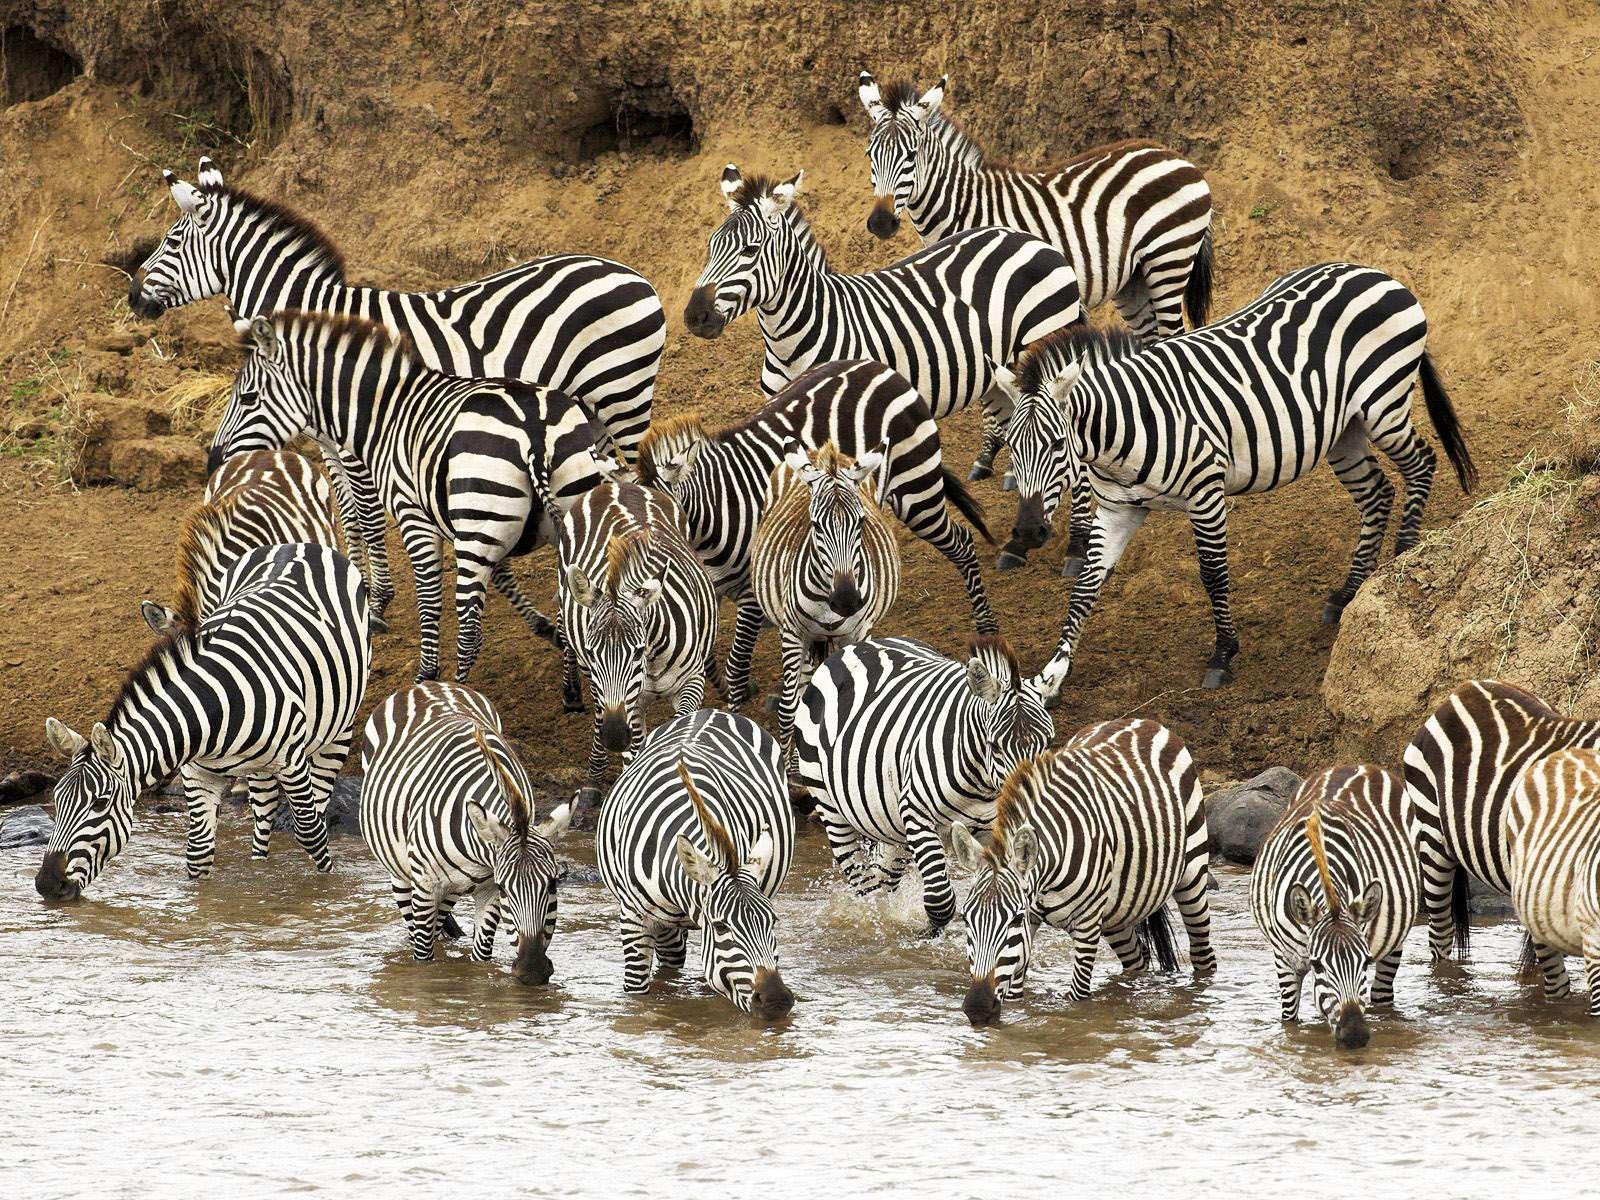 Реки мара кения фото картинка